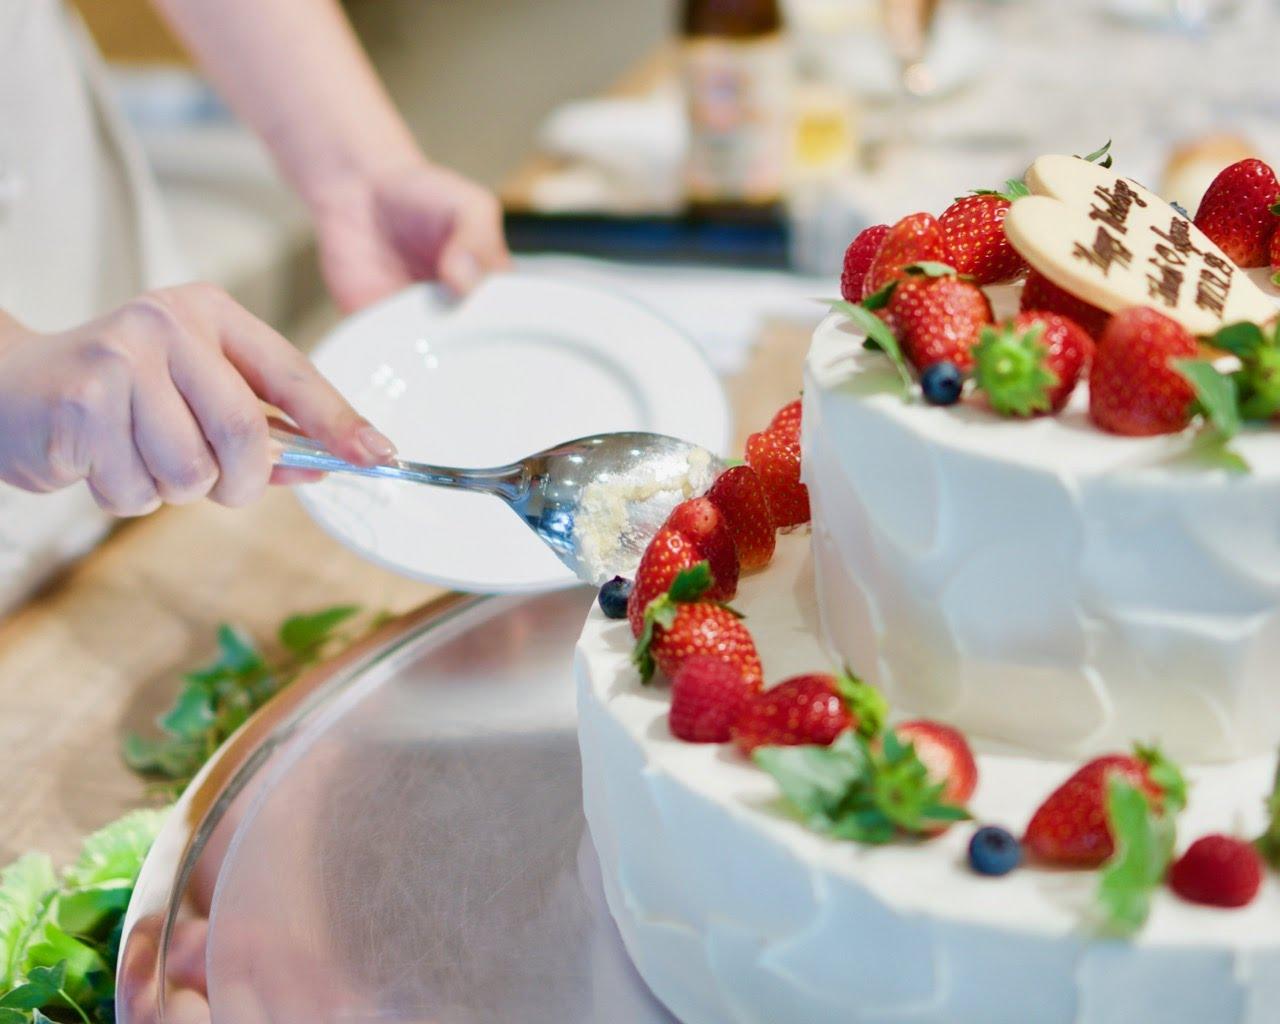 日本と海外では誕生日の祝い方ってこんなに違うの?